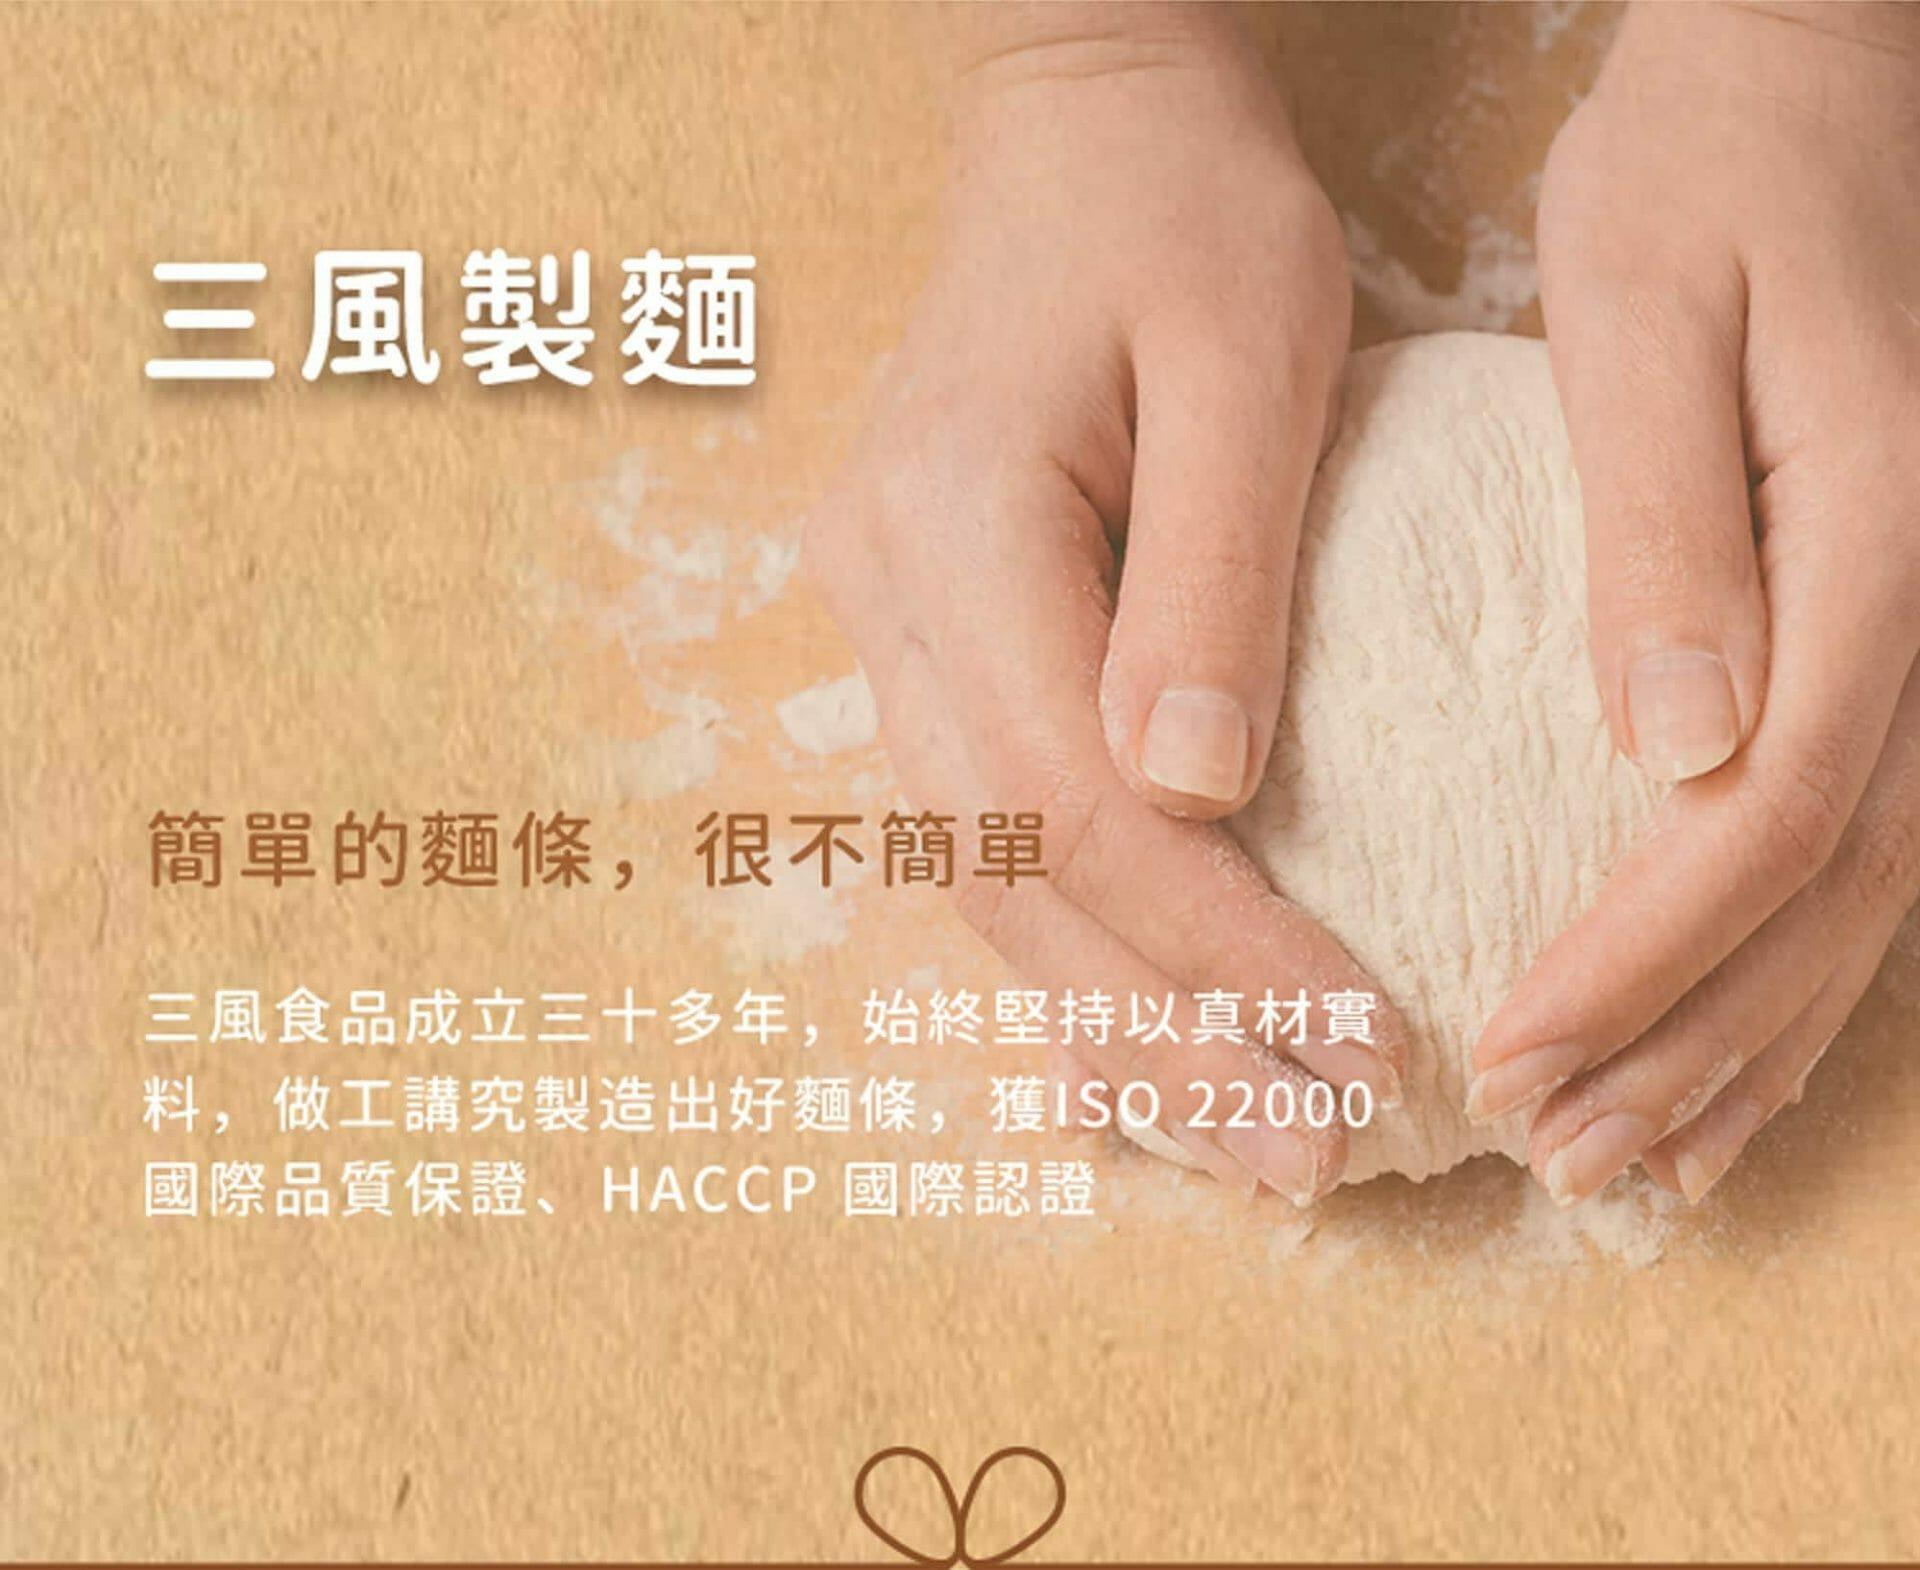 公司介紹,三風食品成立30多年,始終堅持以真材實料,做工講究製造出好麵條,獲ISO 22000國際品質保證、HACCP國際認證。